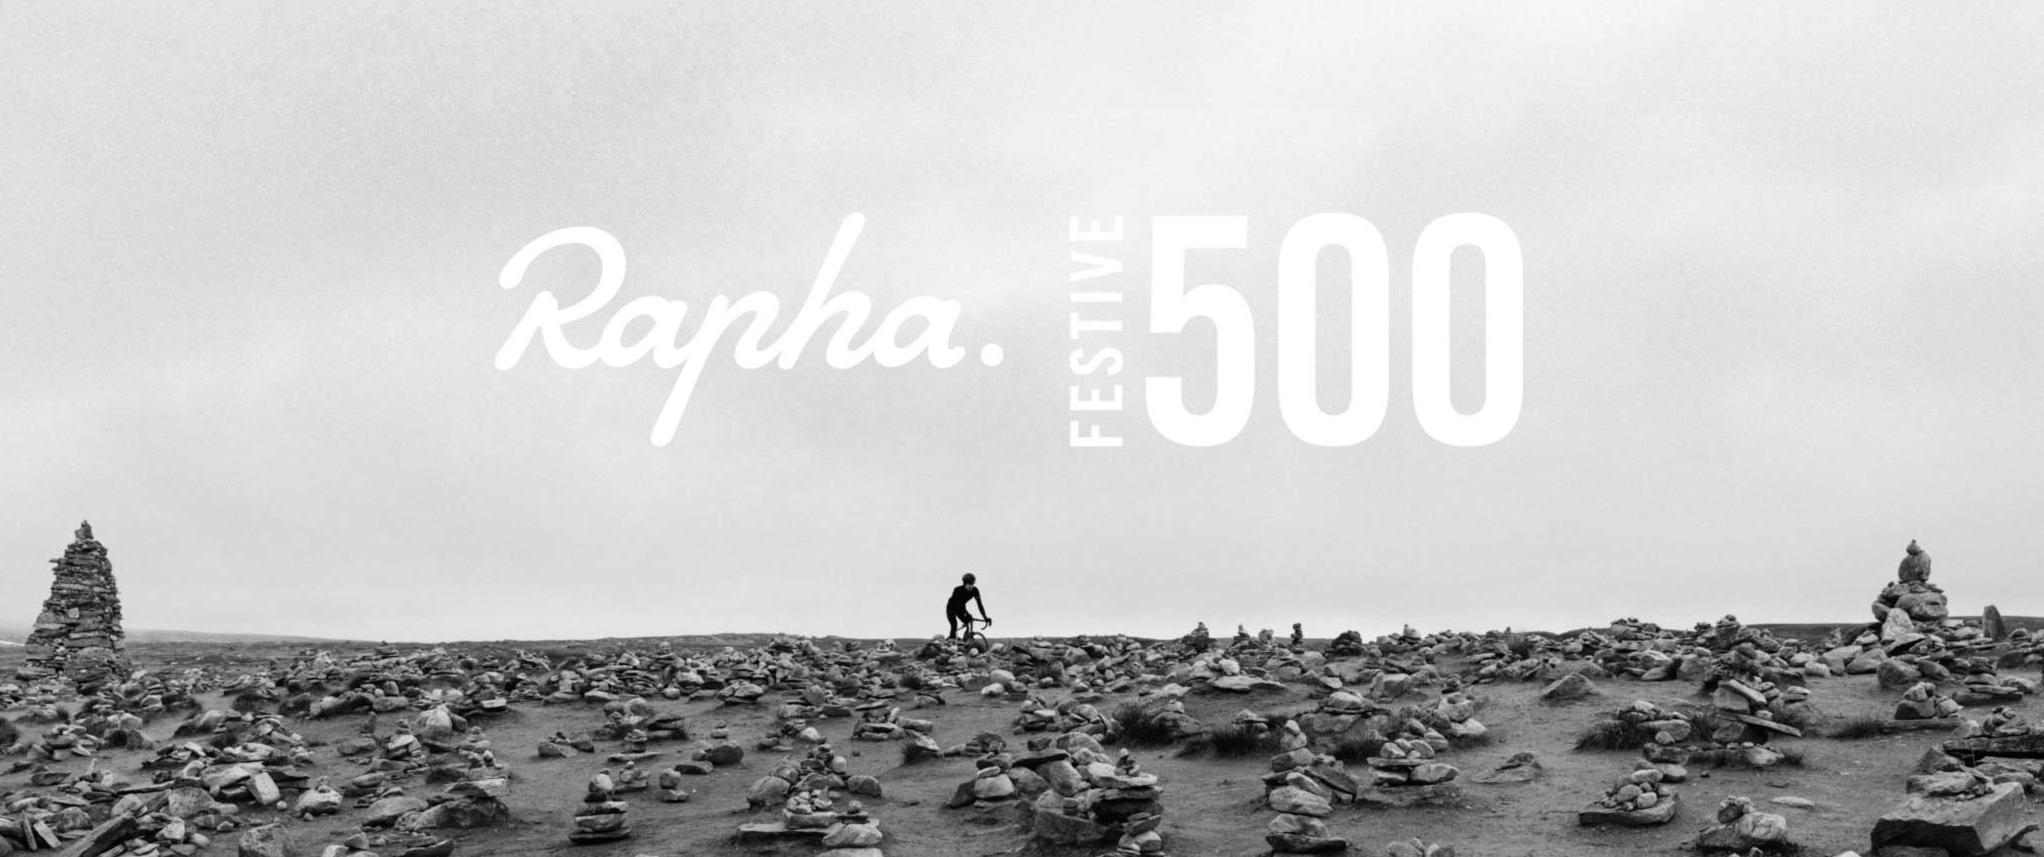 说说 Rapha 的 Festive500 活动